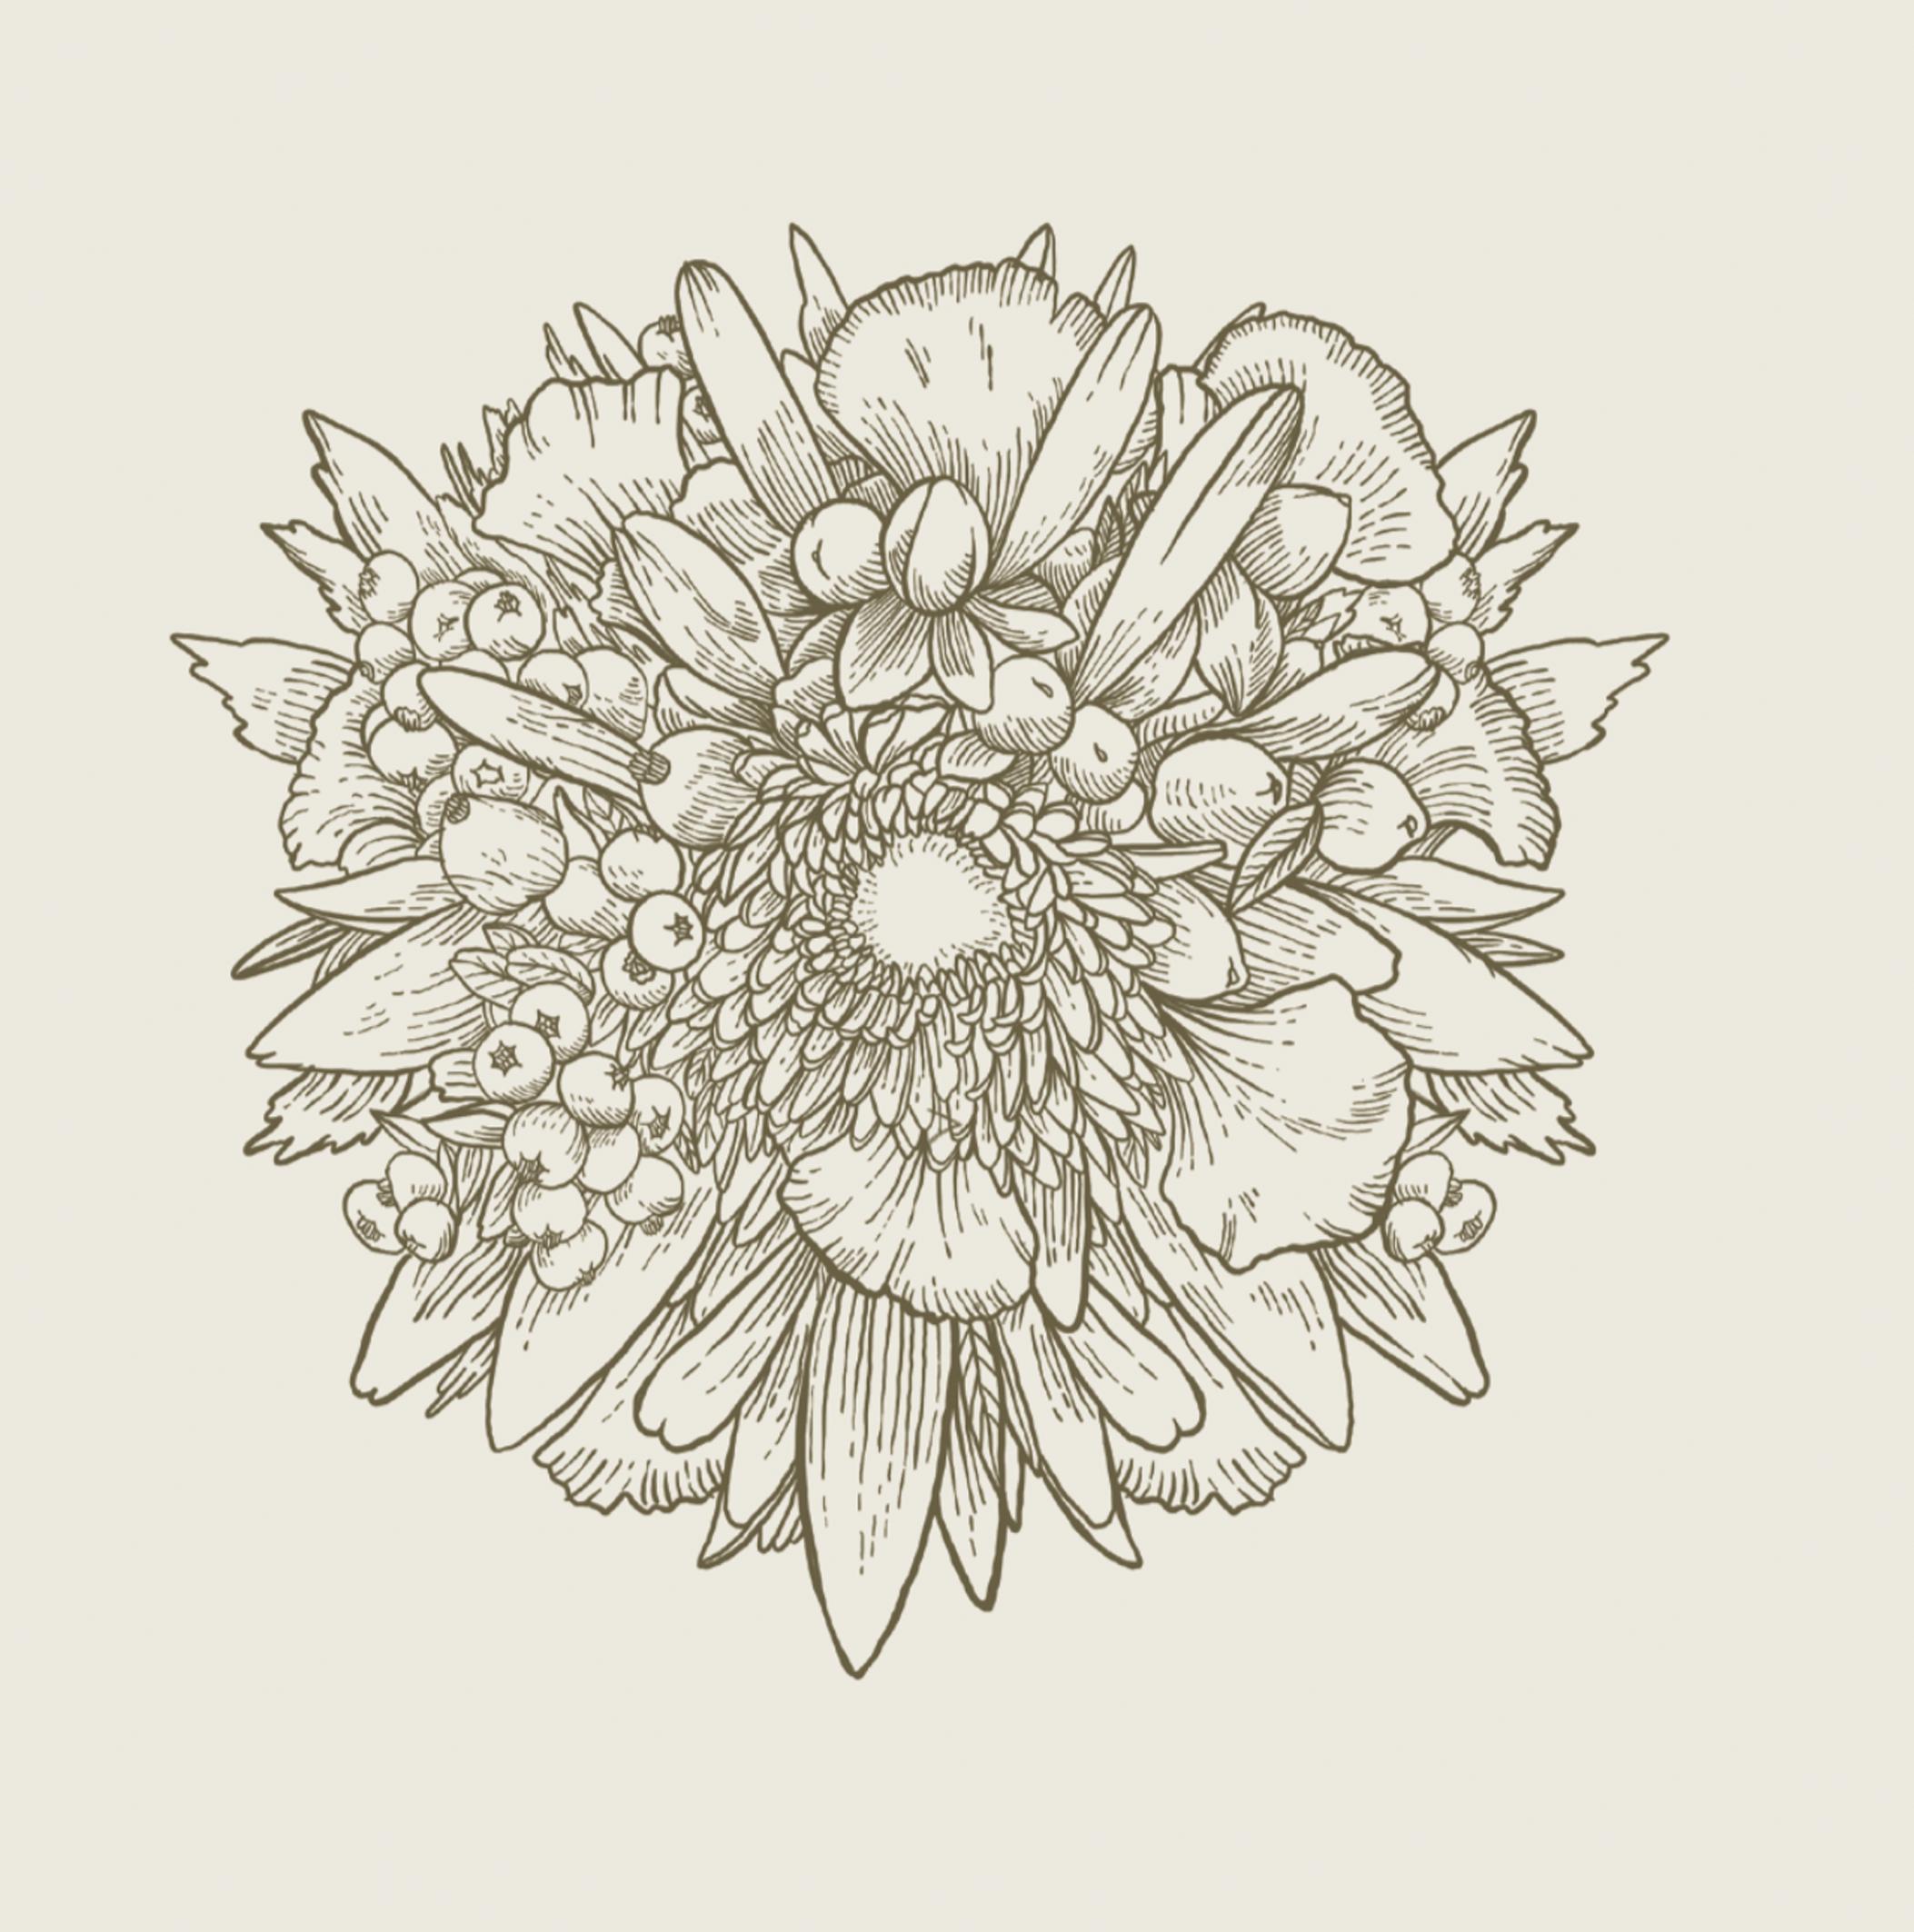 Ilustración de una flor